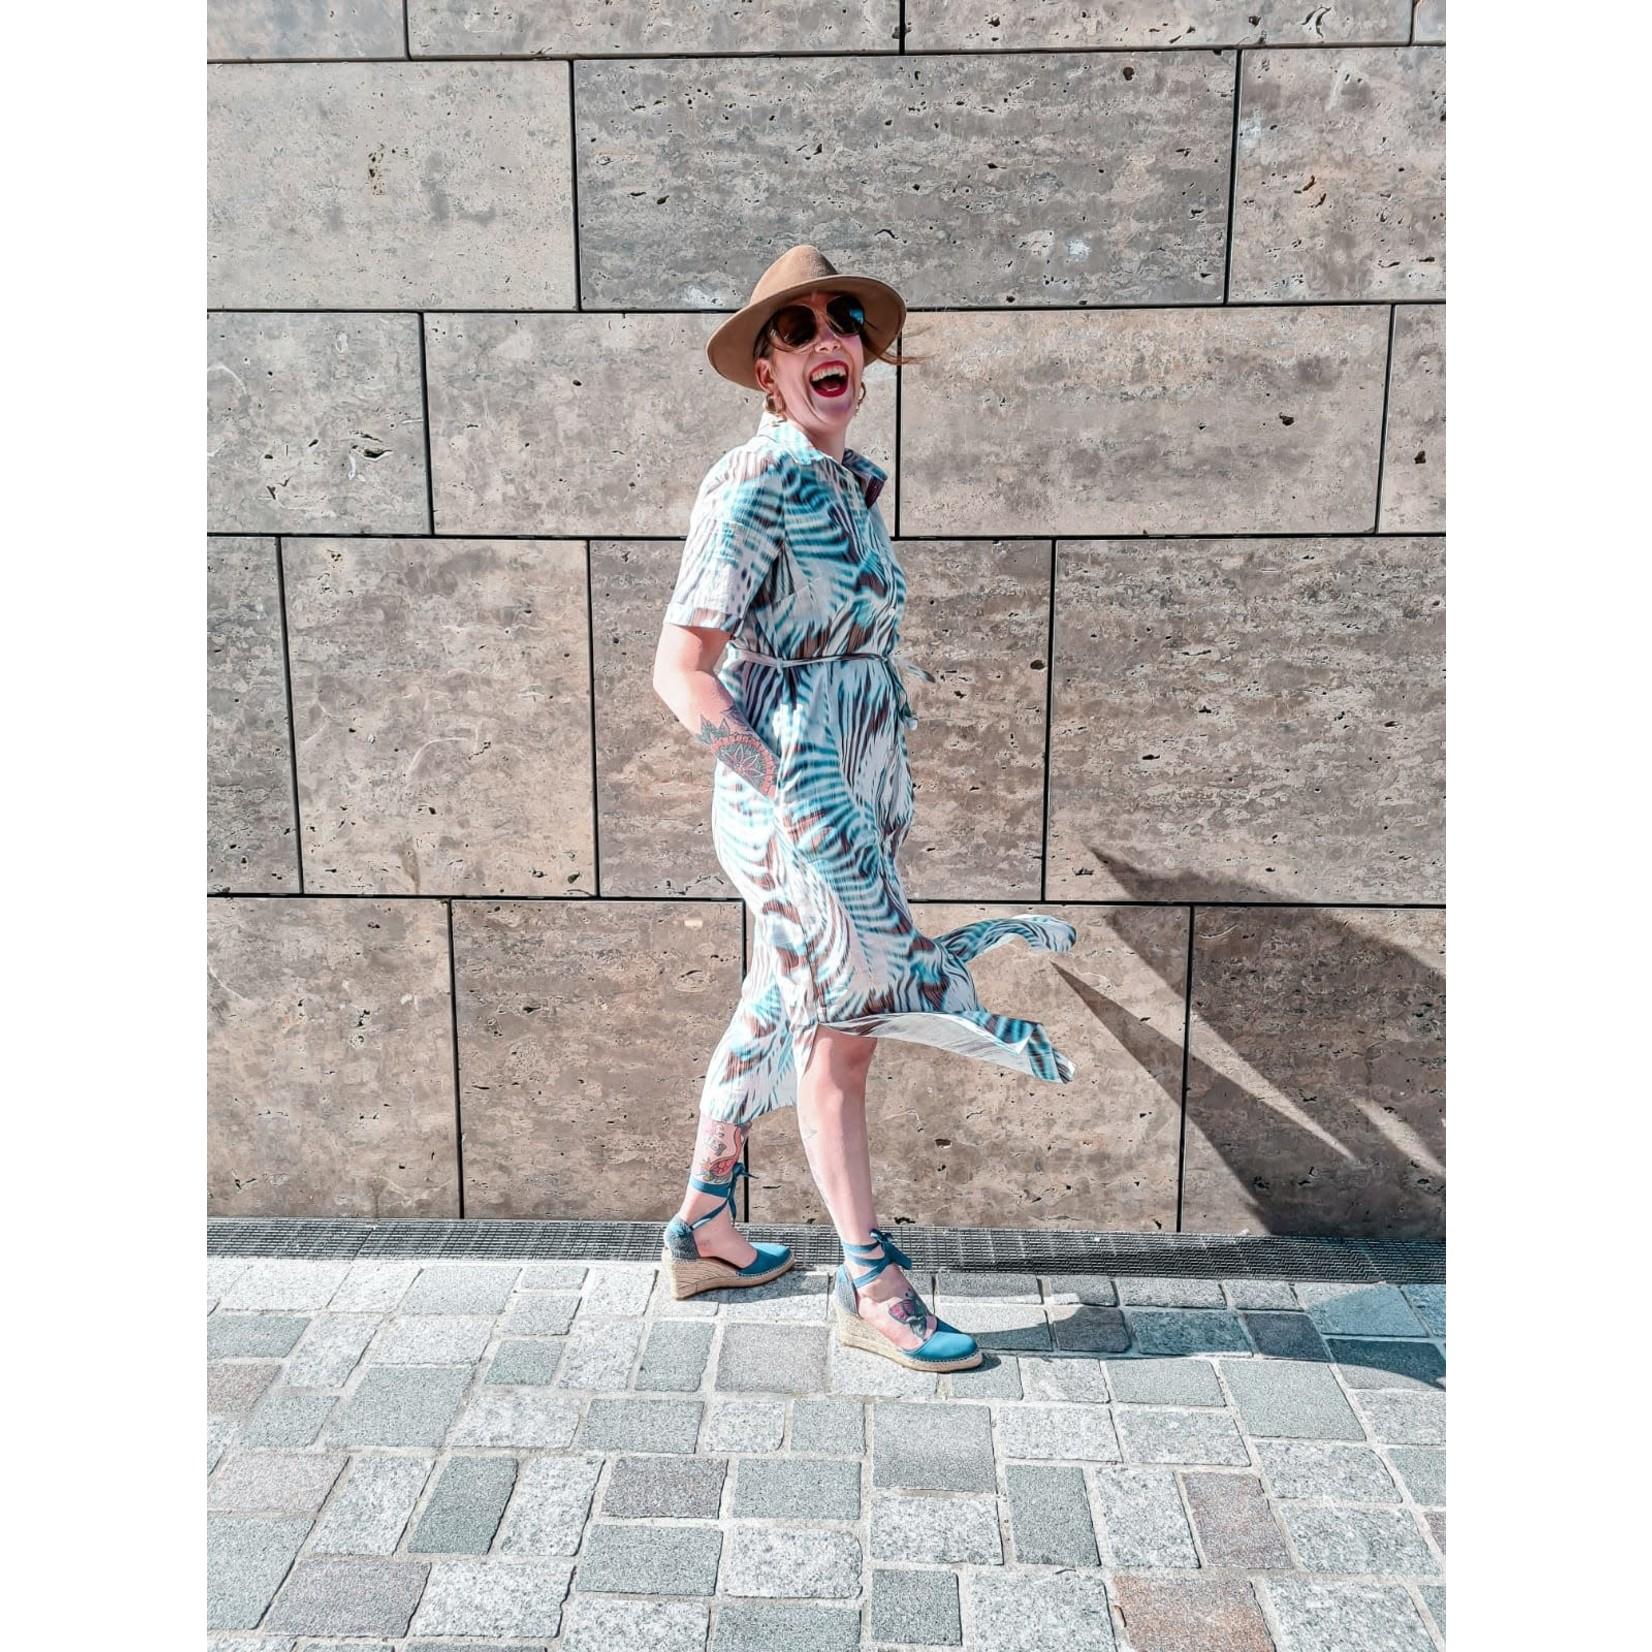 Macarena Espadrille zomers en stylish